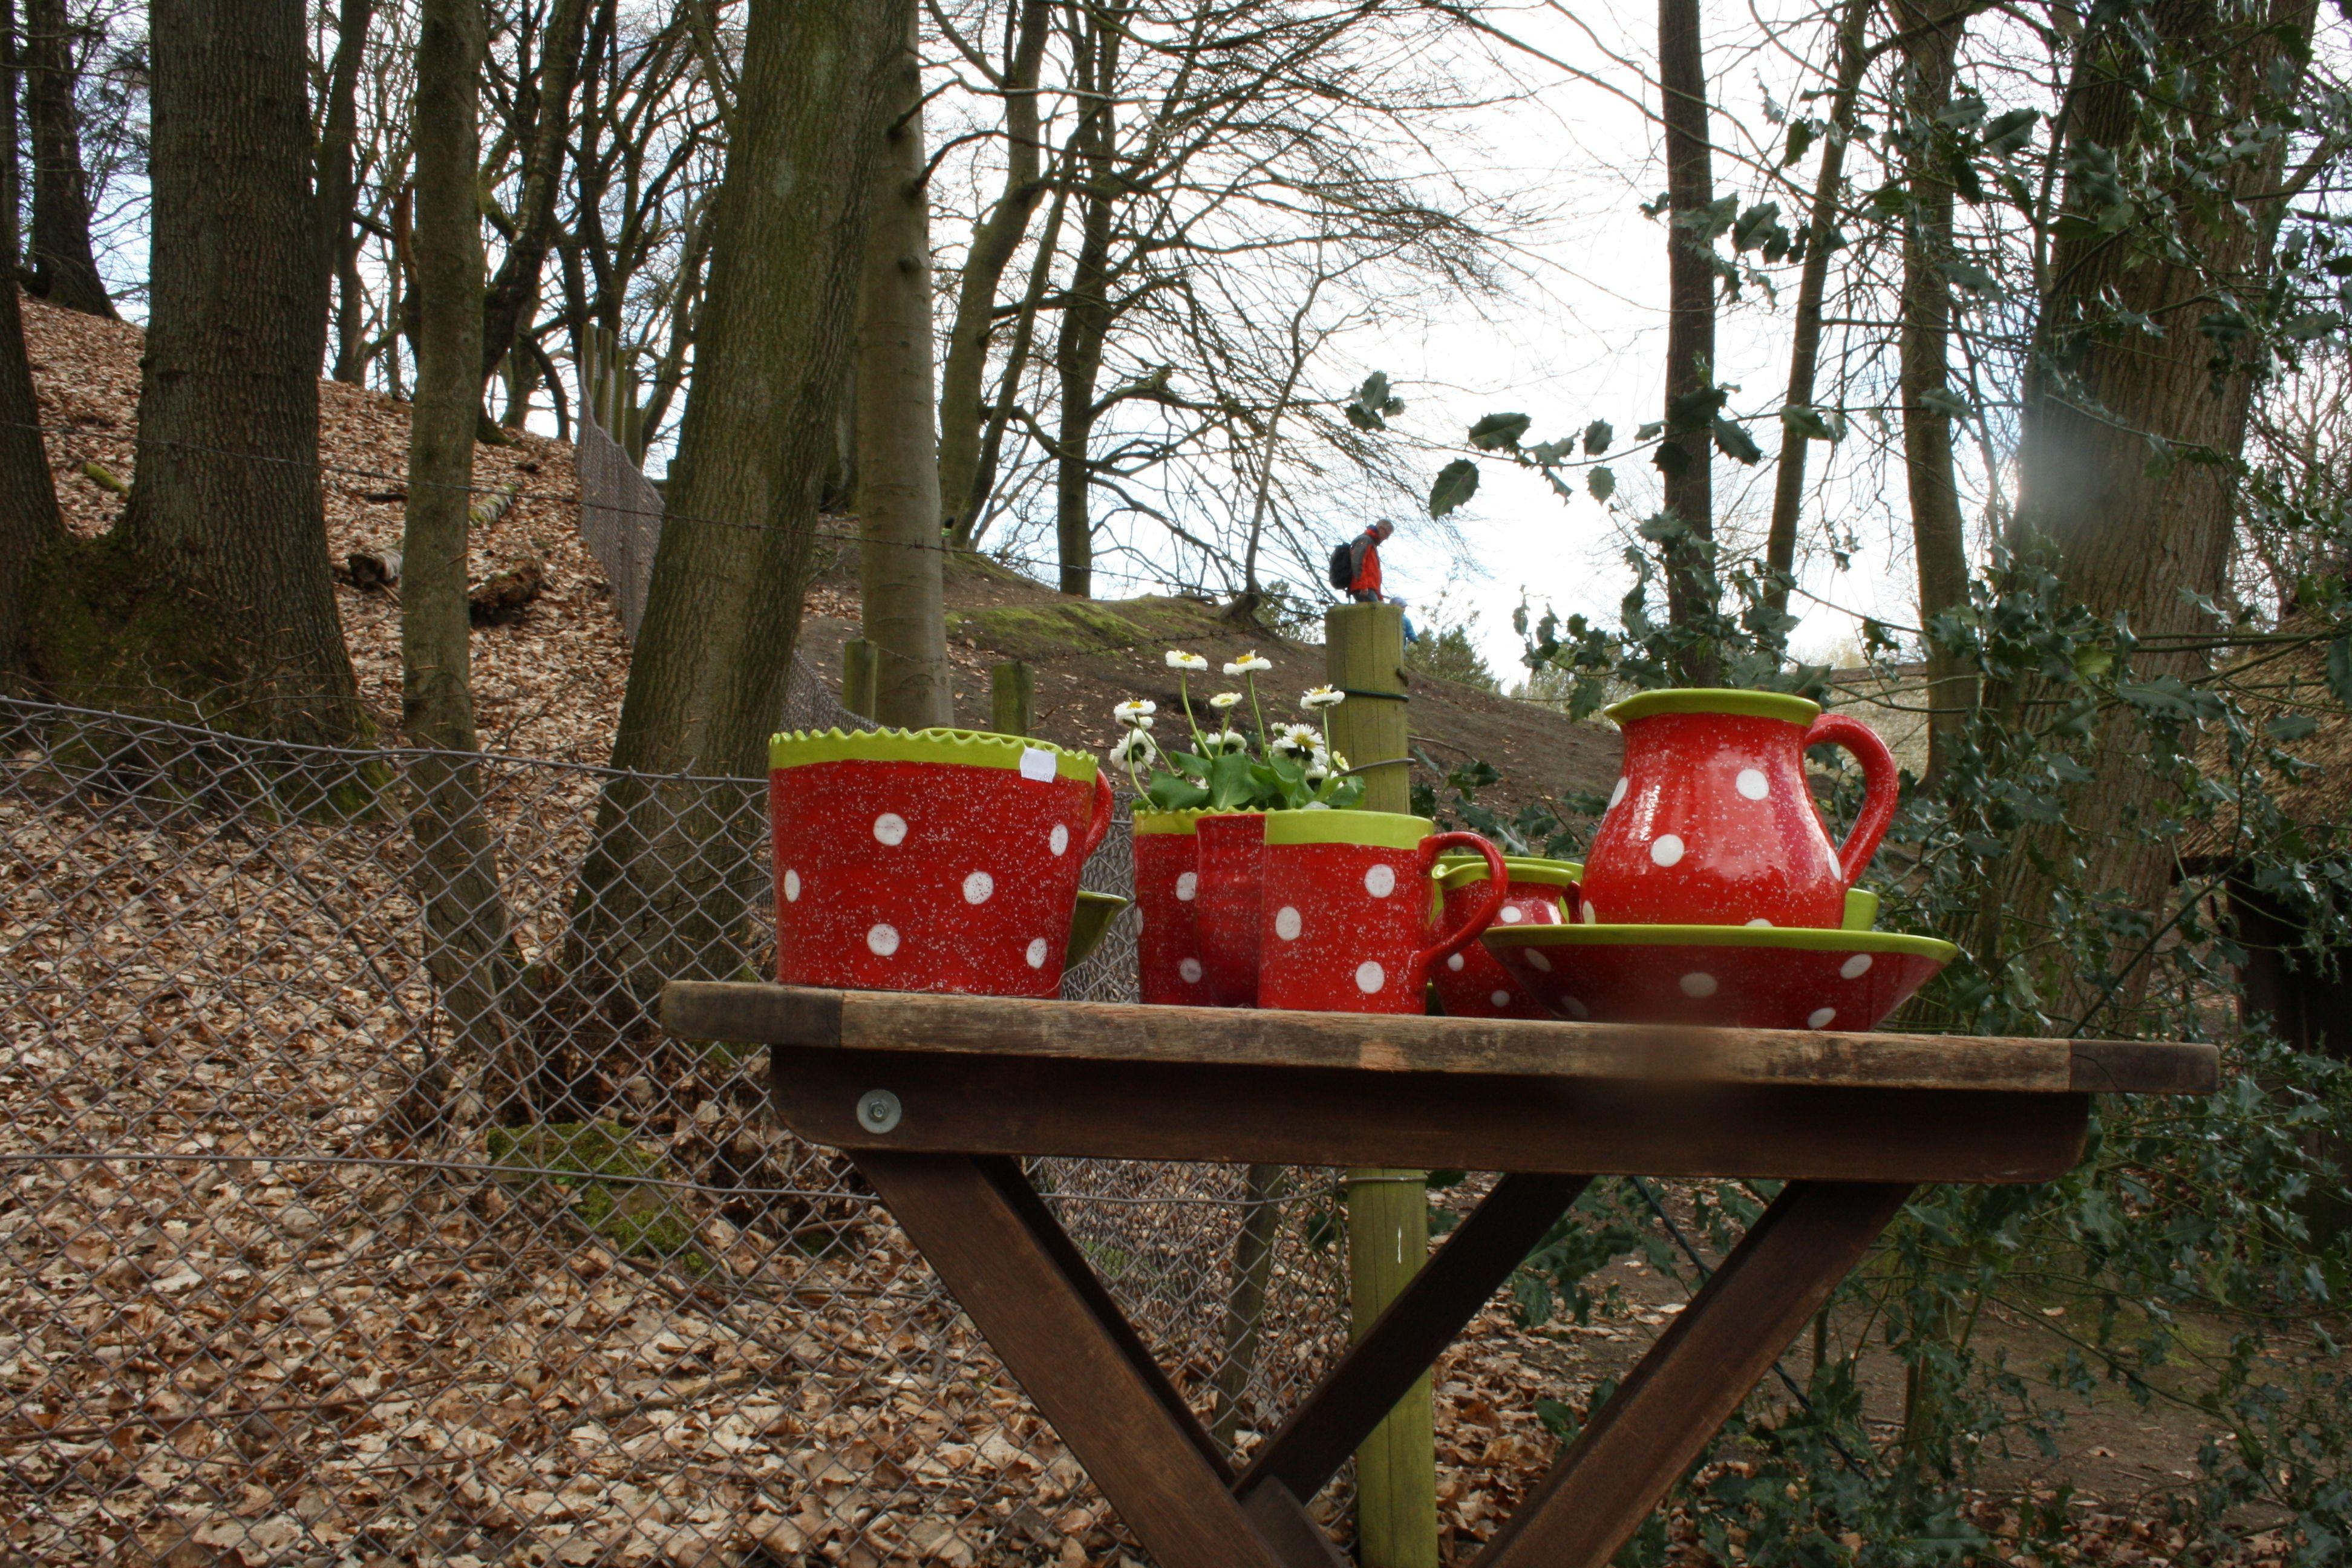 Wildkrauter Fur Den Balkonkasten Balkonkasten Gartenarbeit Bepflanzung